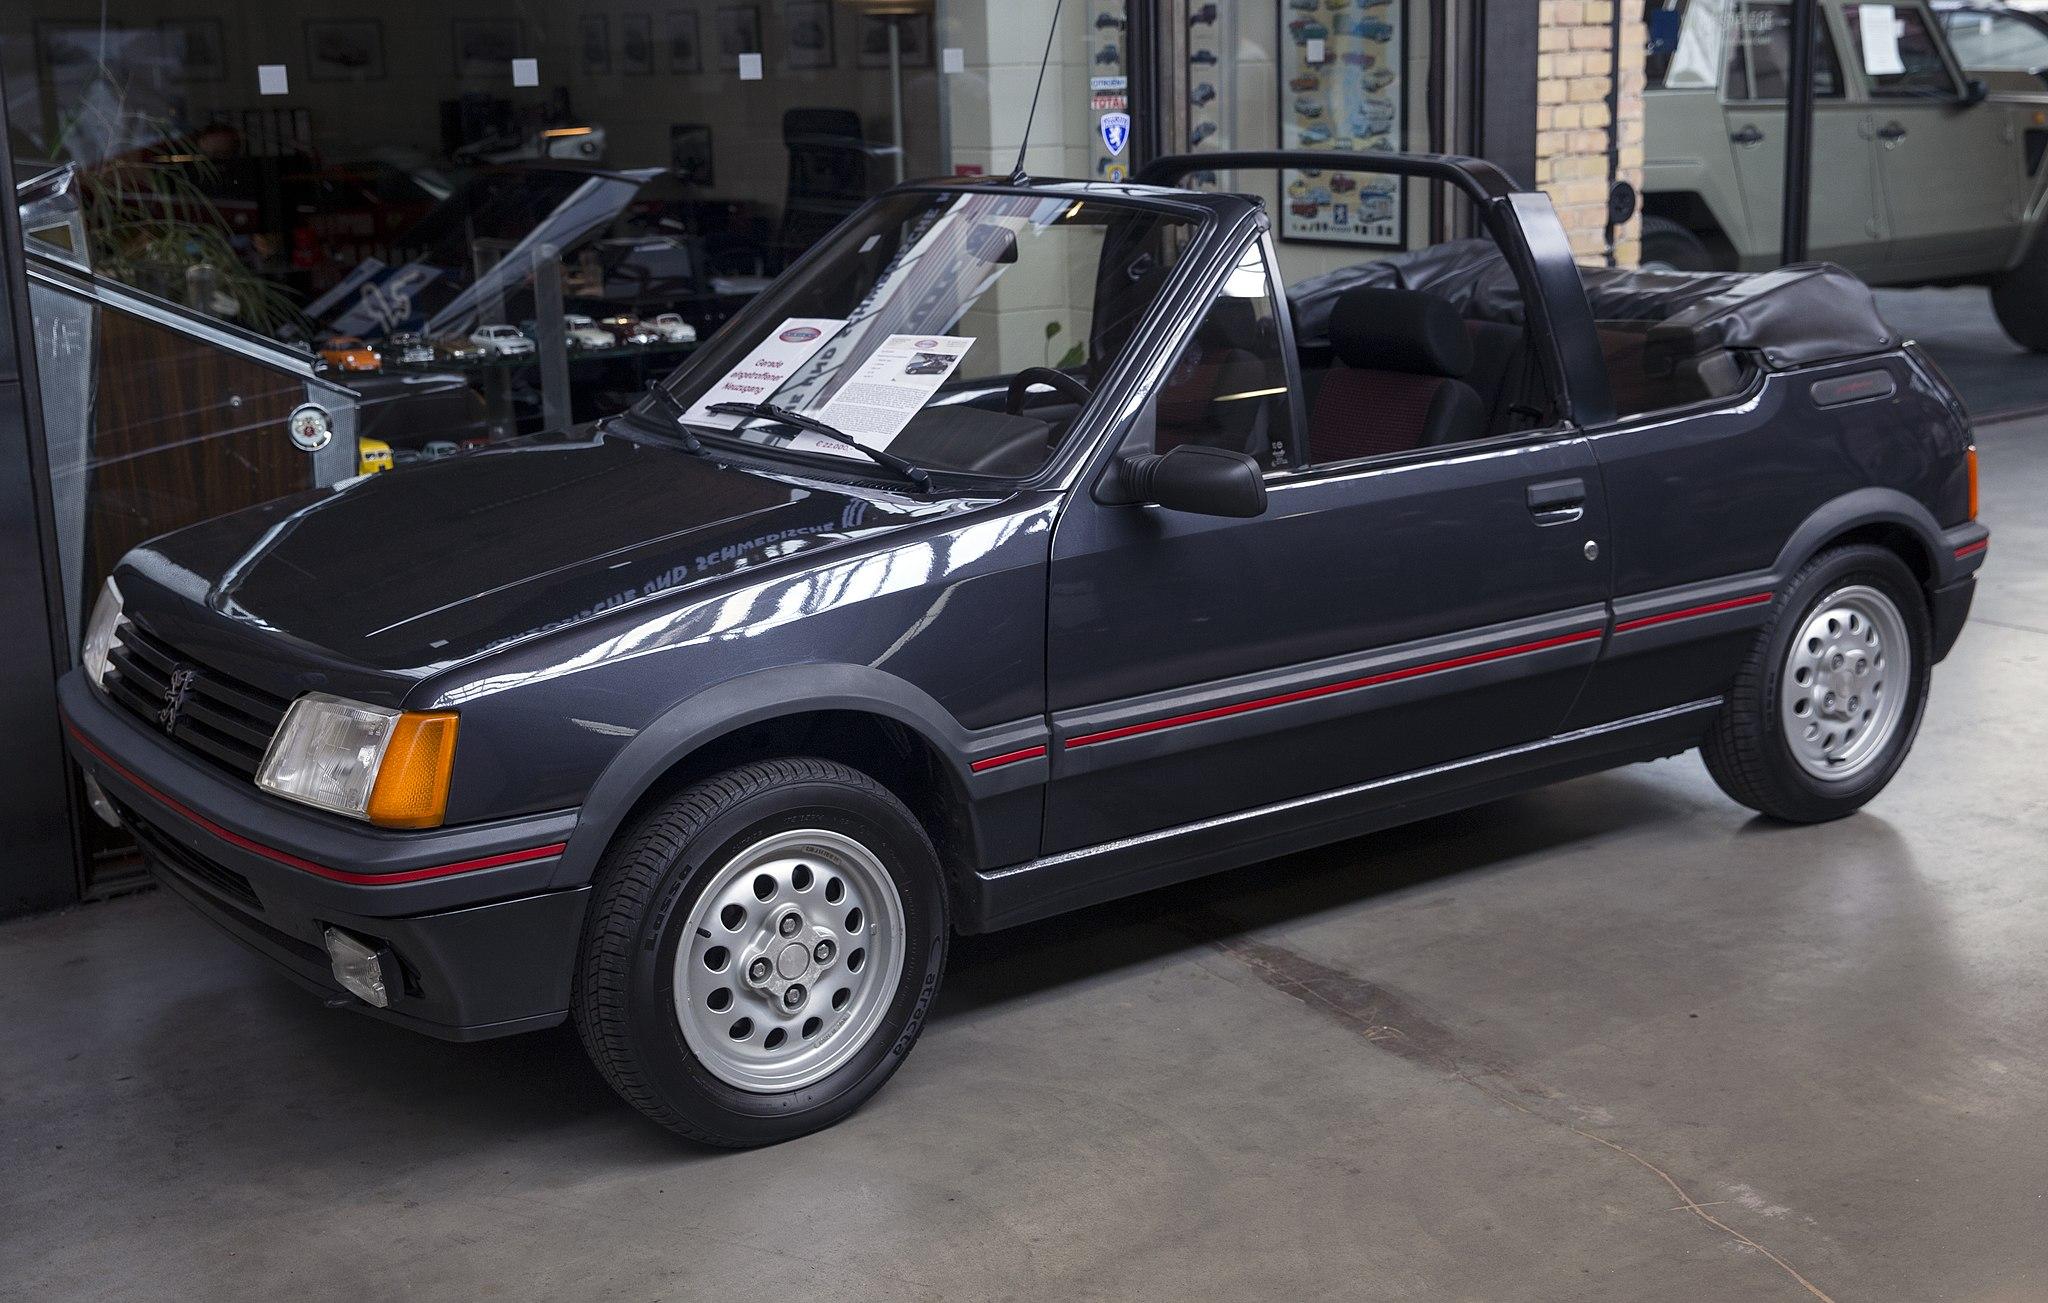 205 CTi convertible